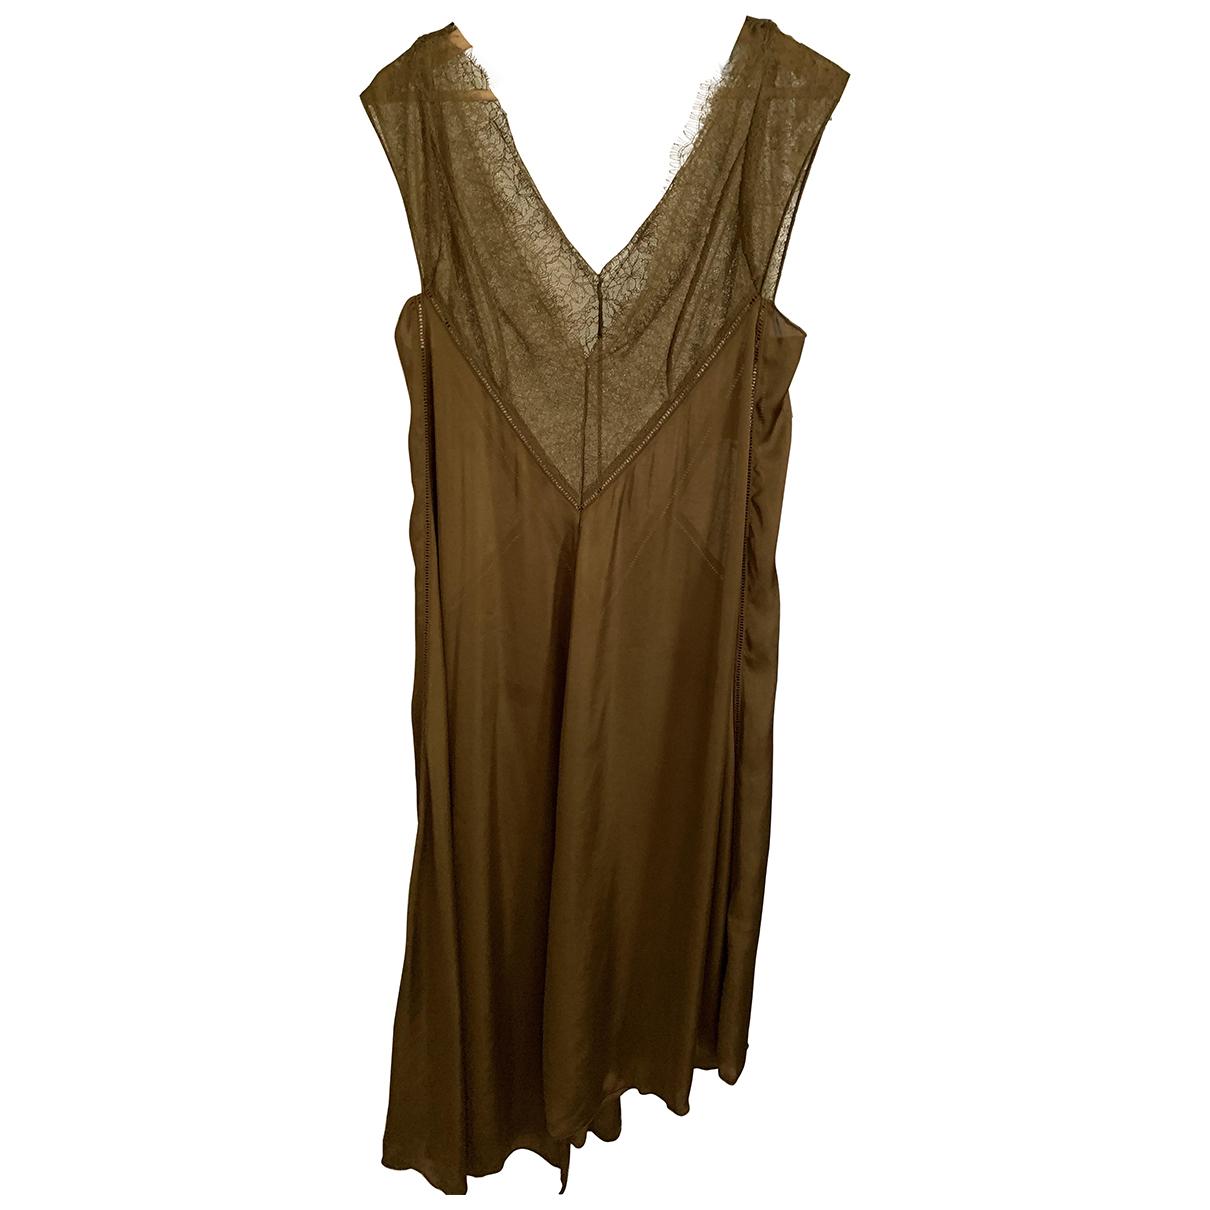 H&m Studio \N Green dress for Women 40 FR